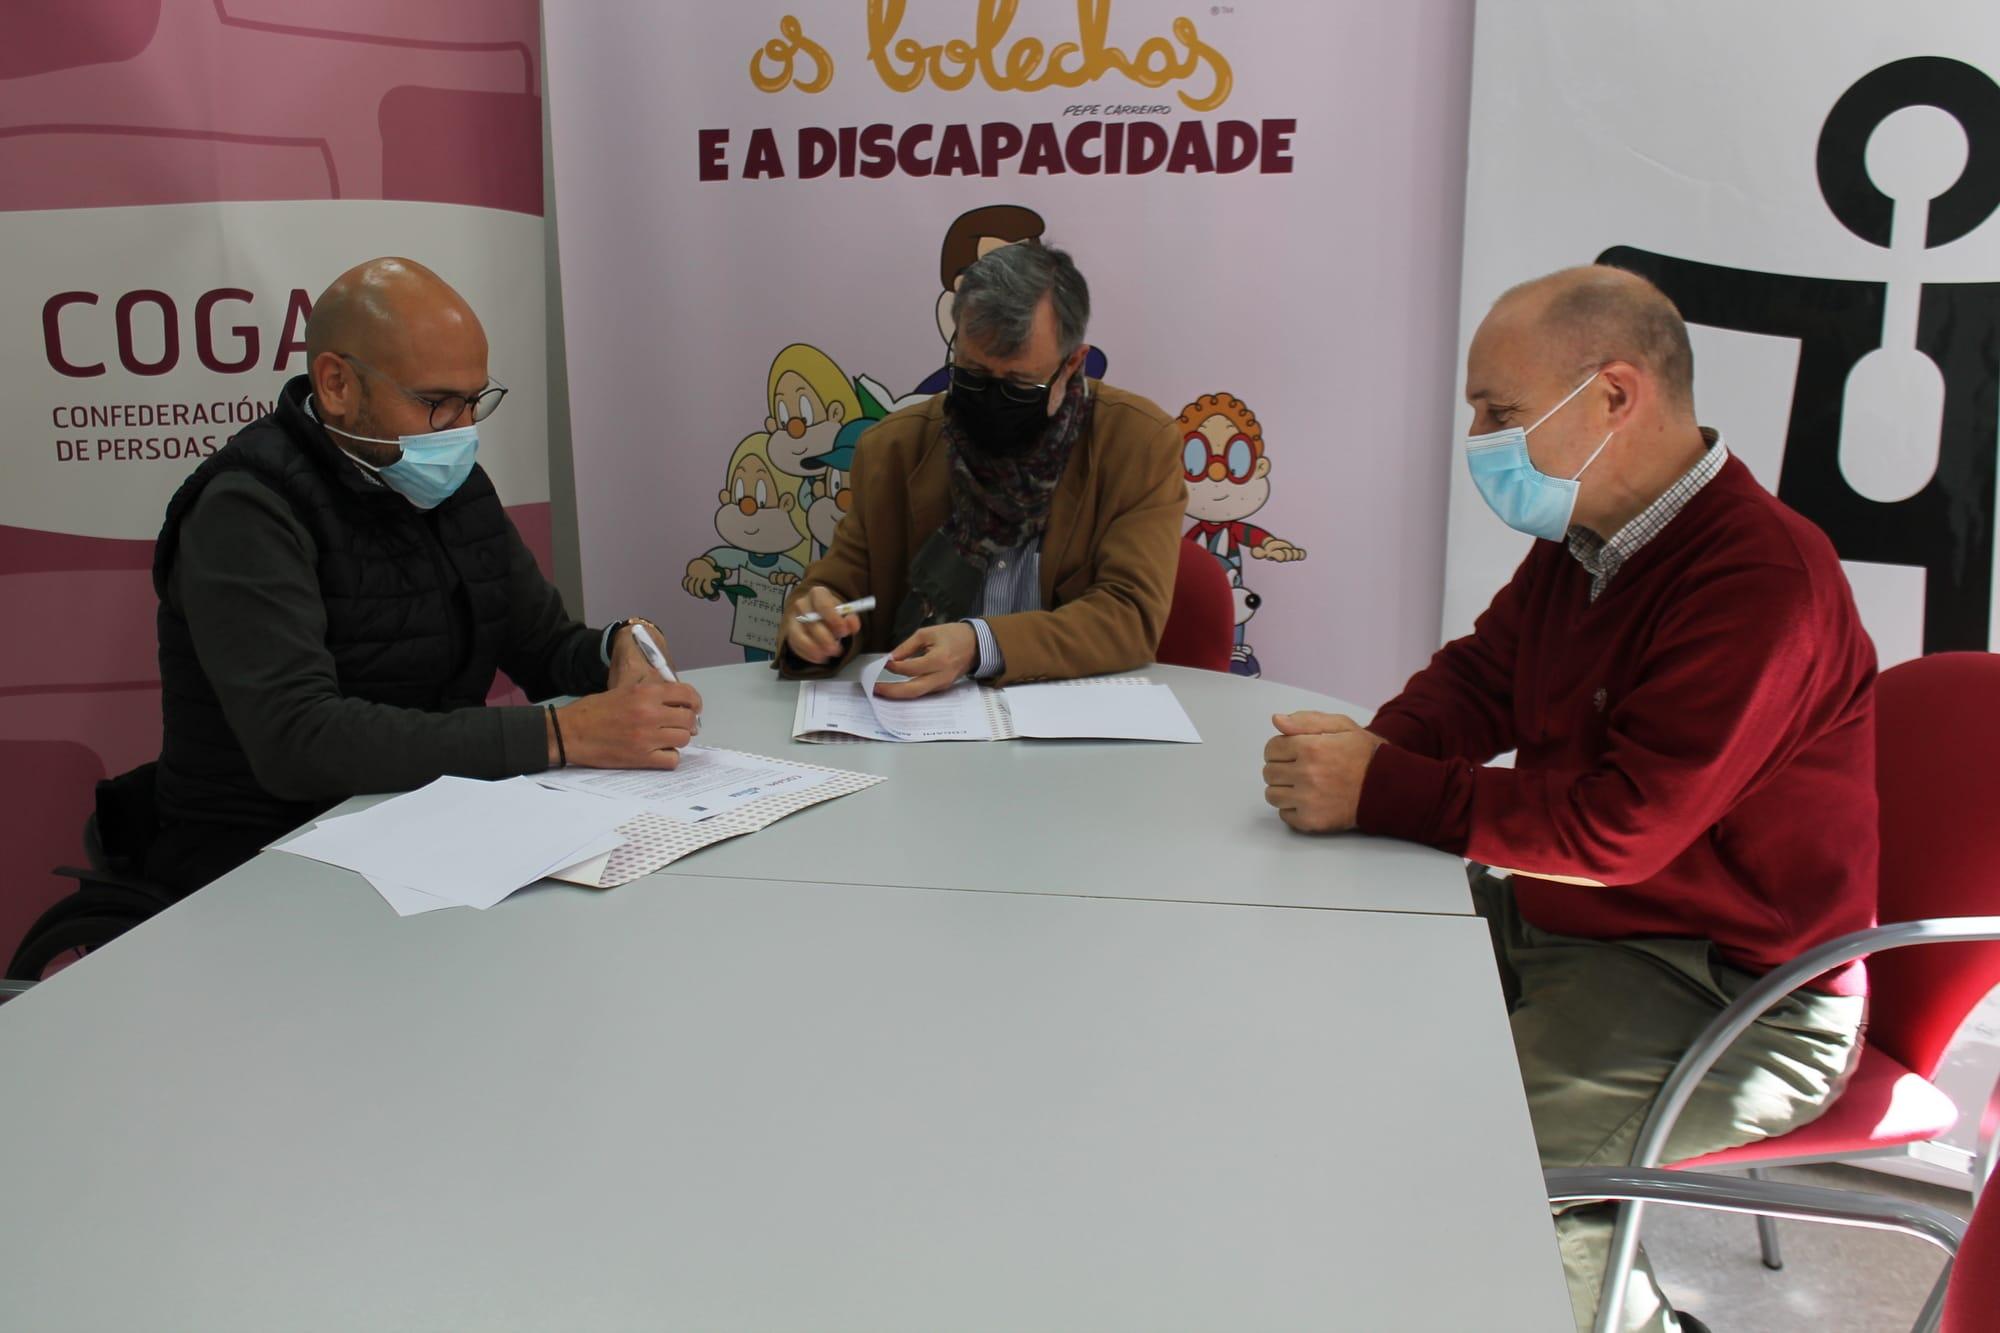 COGAMI y ASNAUGA a favor de la participación en actividades náuticas de las personas con discapacidad